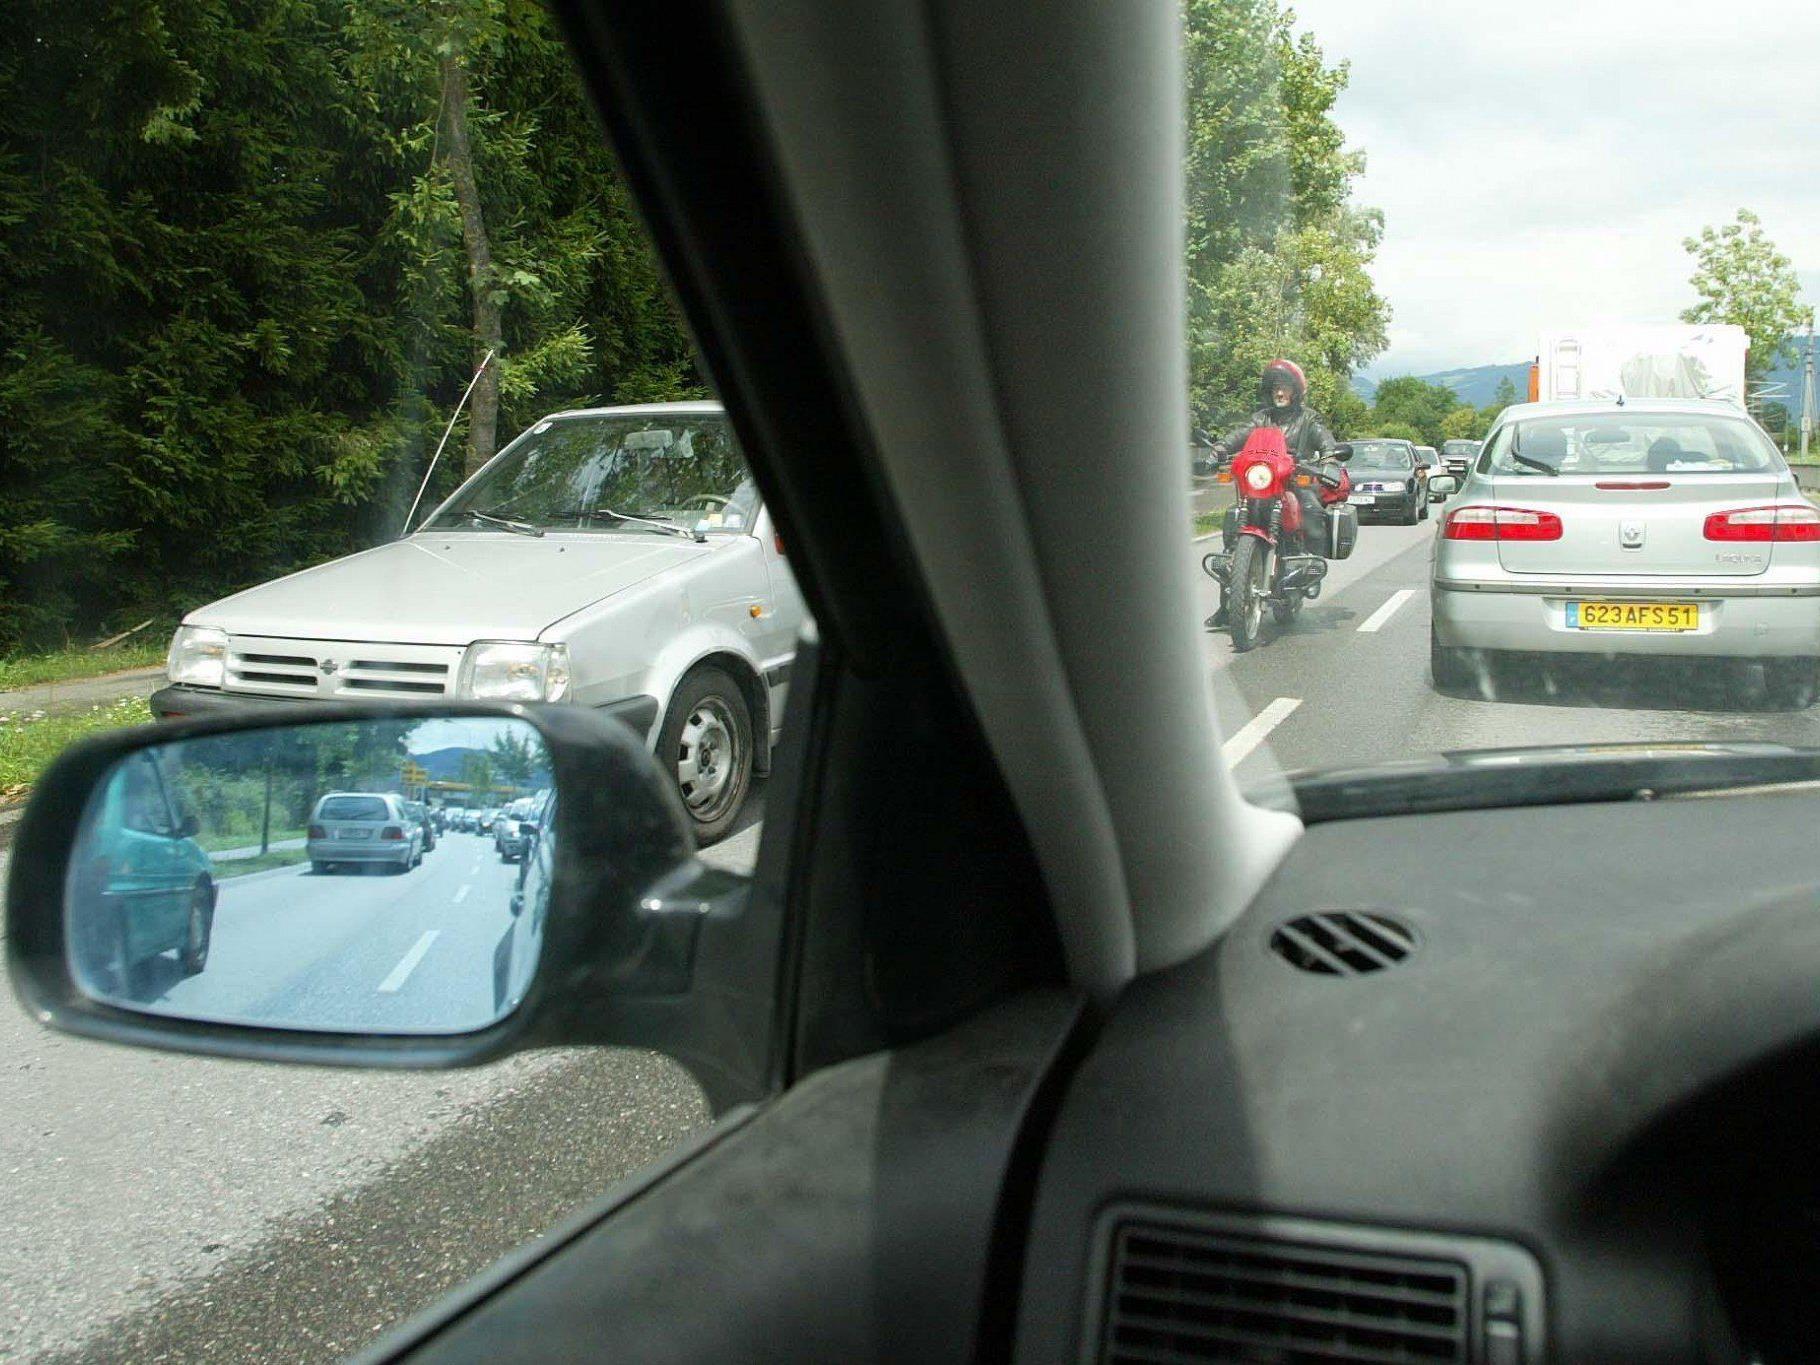 Unfall: Lenker fuhr auf in Verkehrskolonne stehenden Pkw auf.